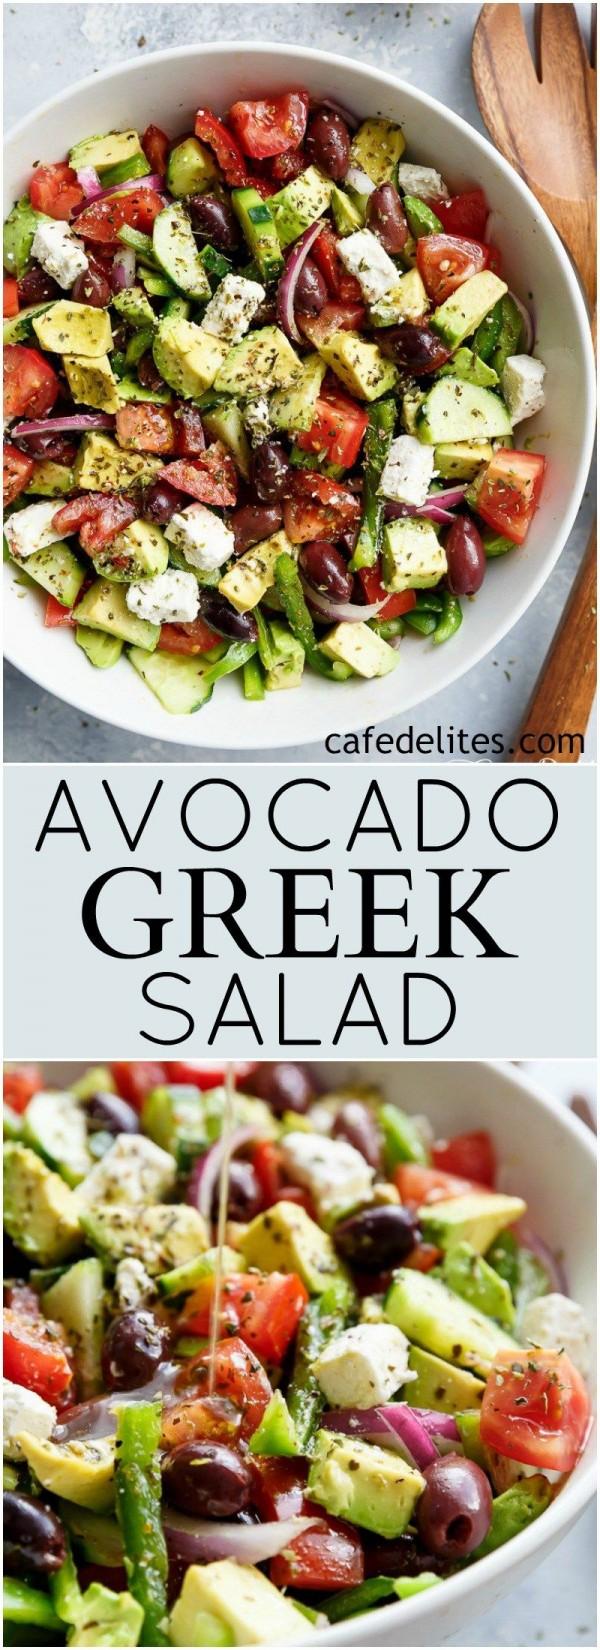 50 Best Healthy Salad Recipes Ever - Check out this recipe for a Greek avocado salad. Yummy! #RecipeIdeas @recipes_to_go